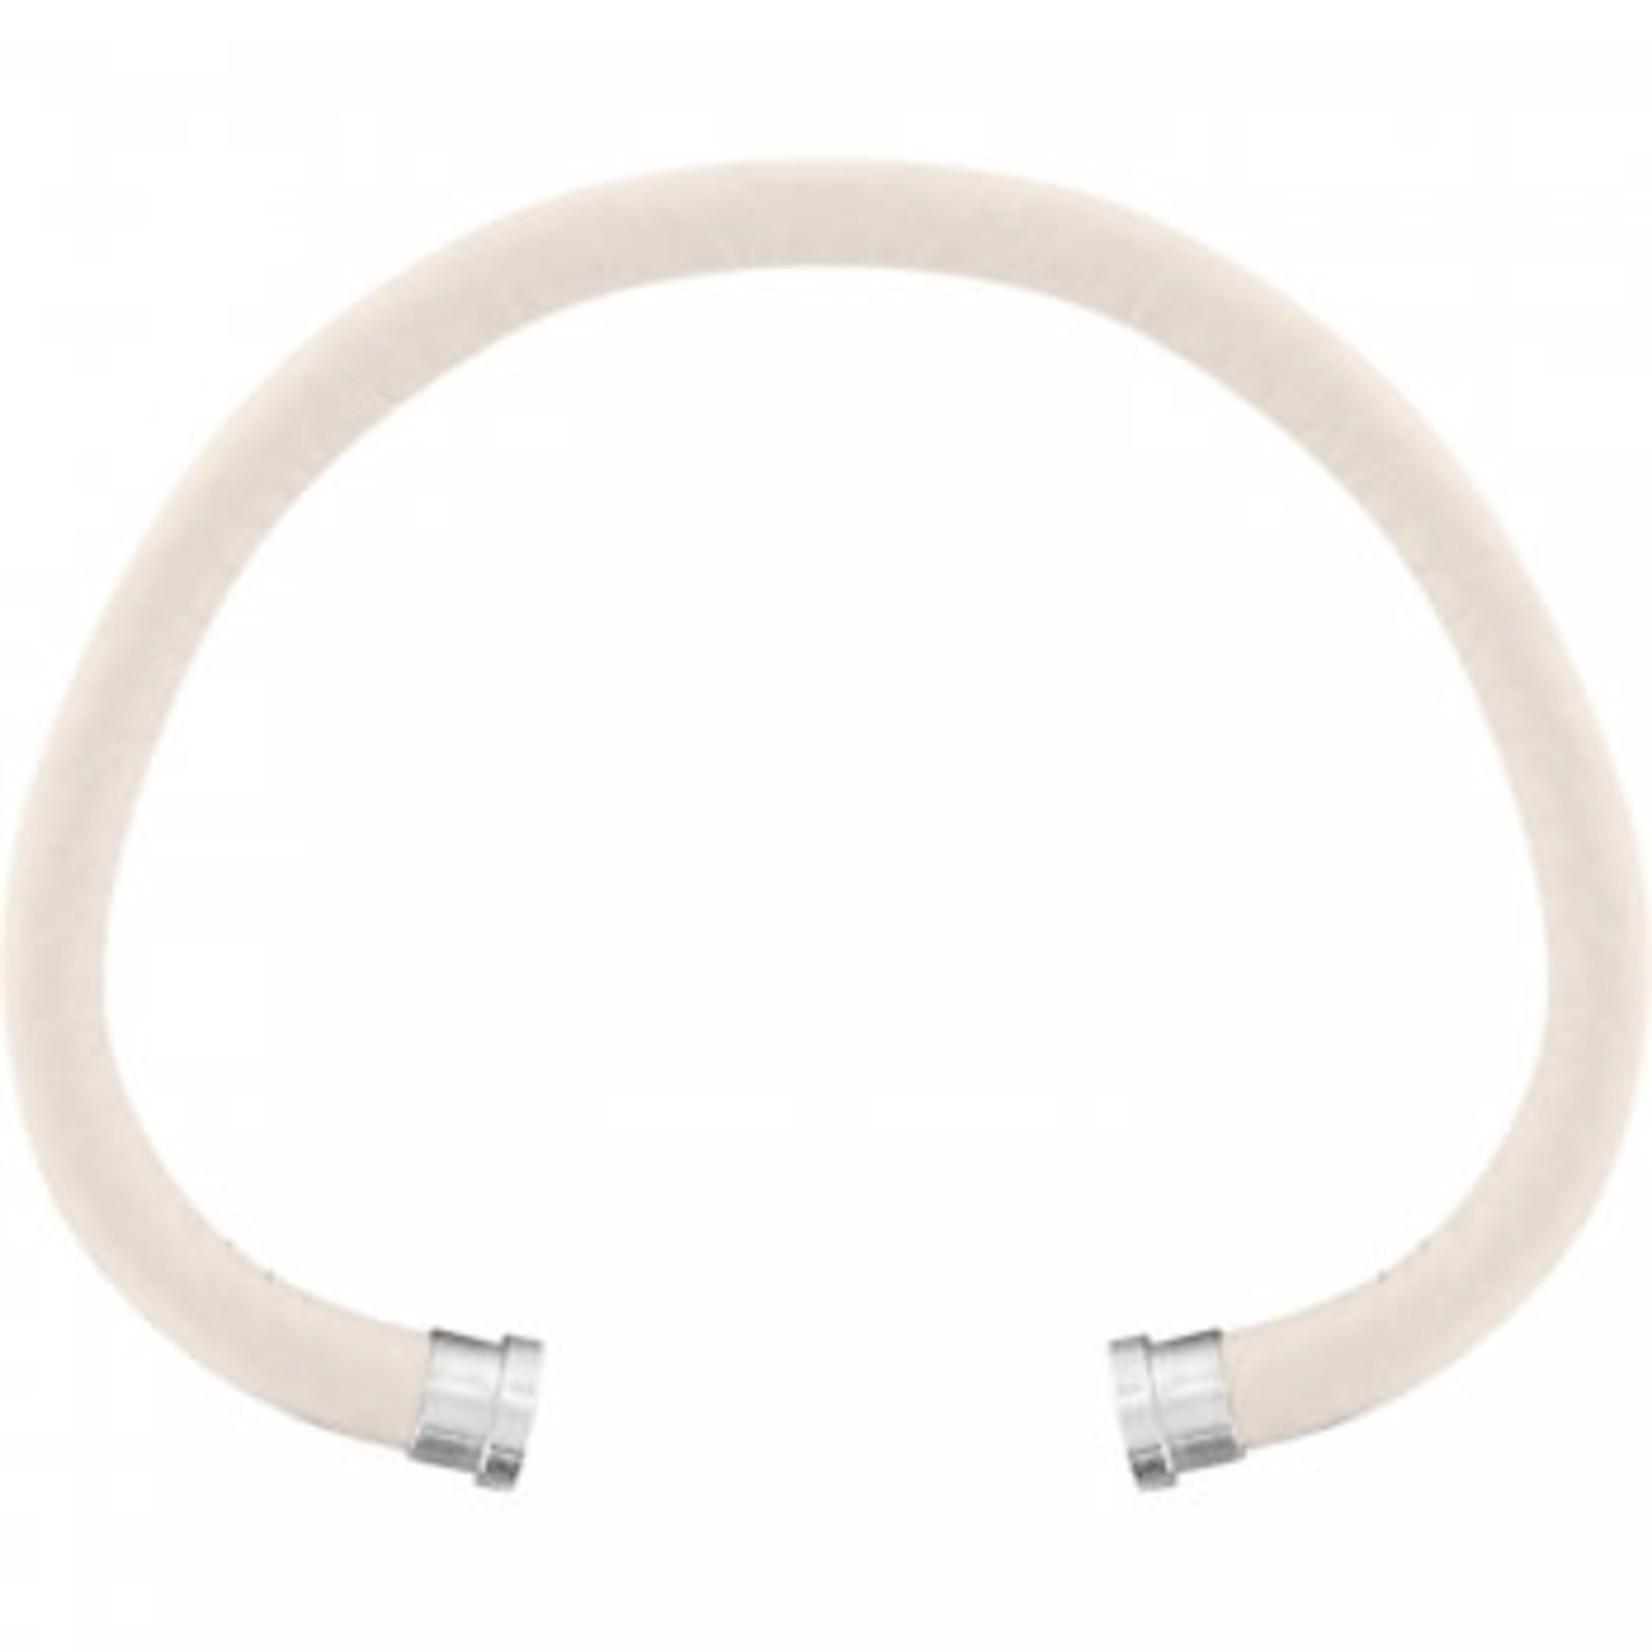 Brighton Color Clique Cord in White Leather M/L